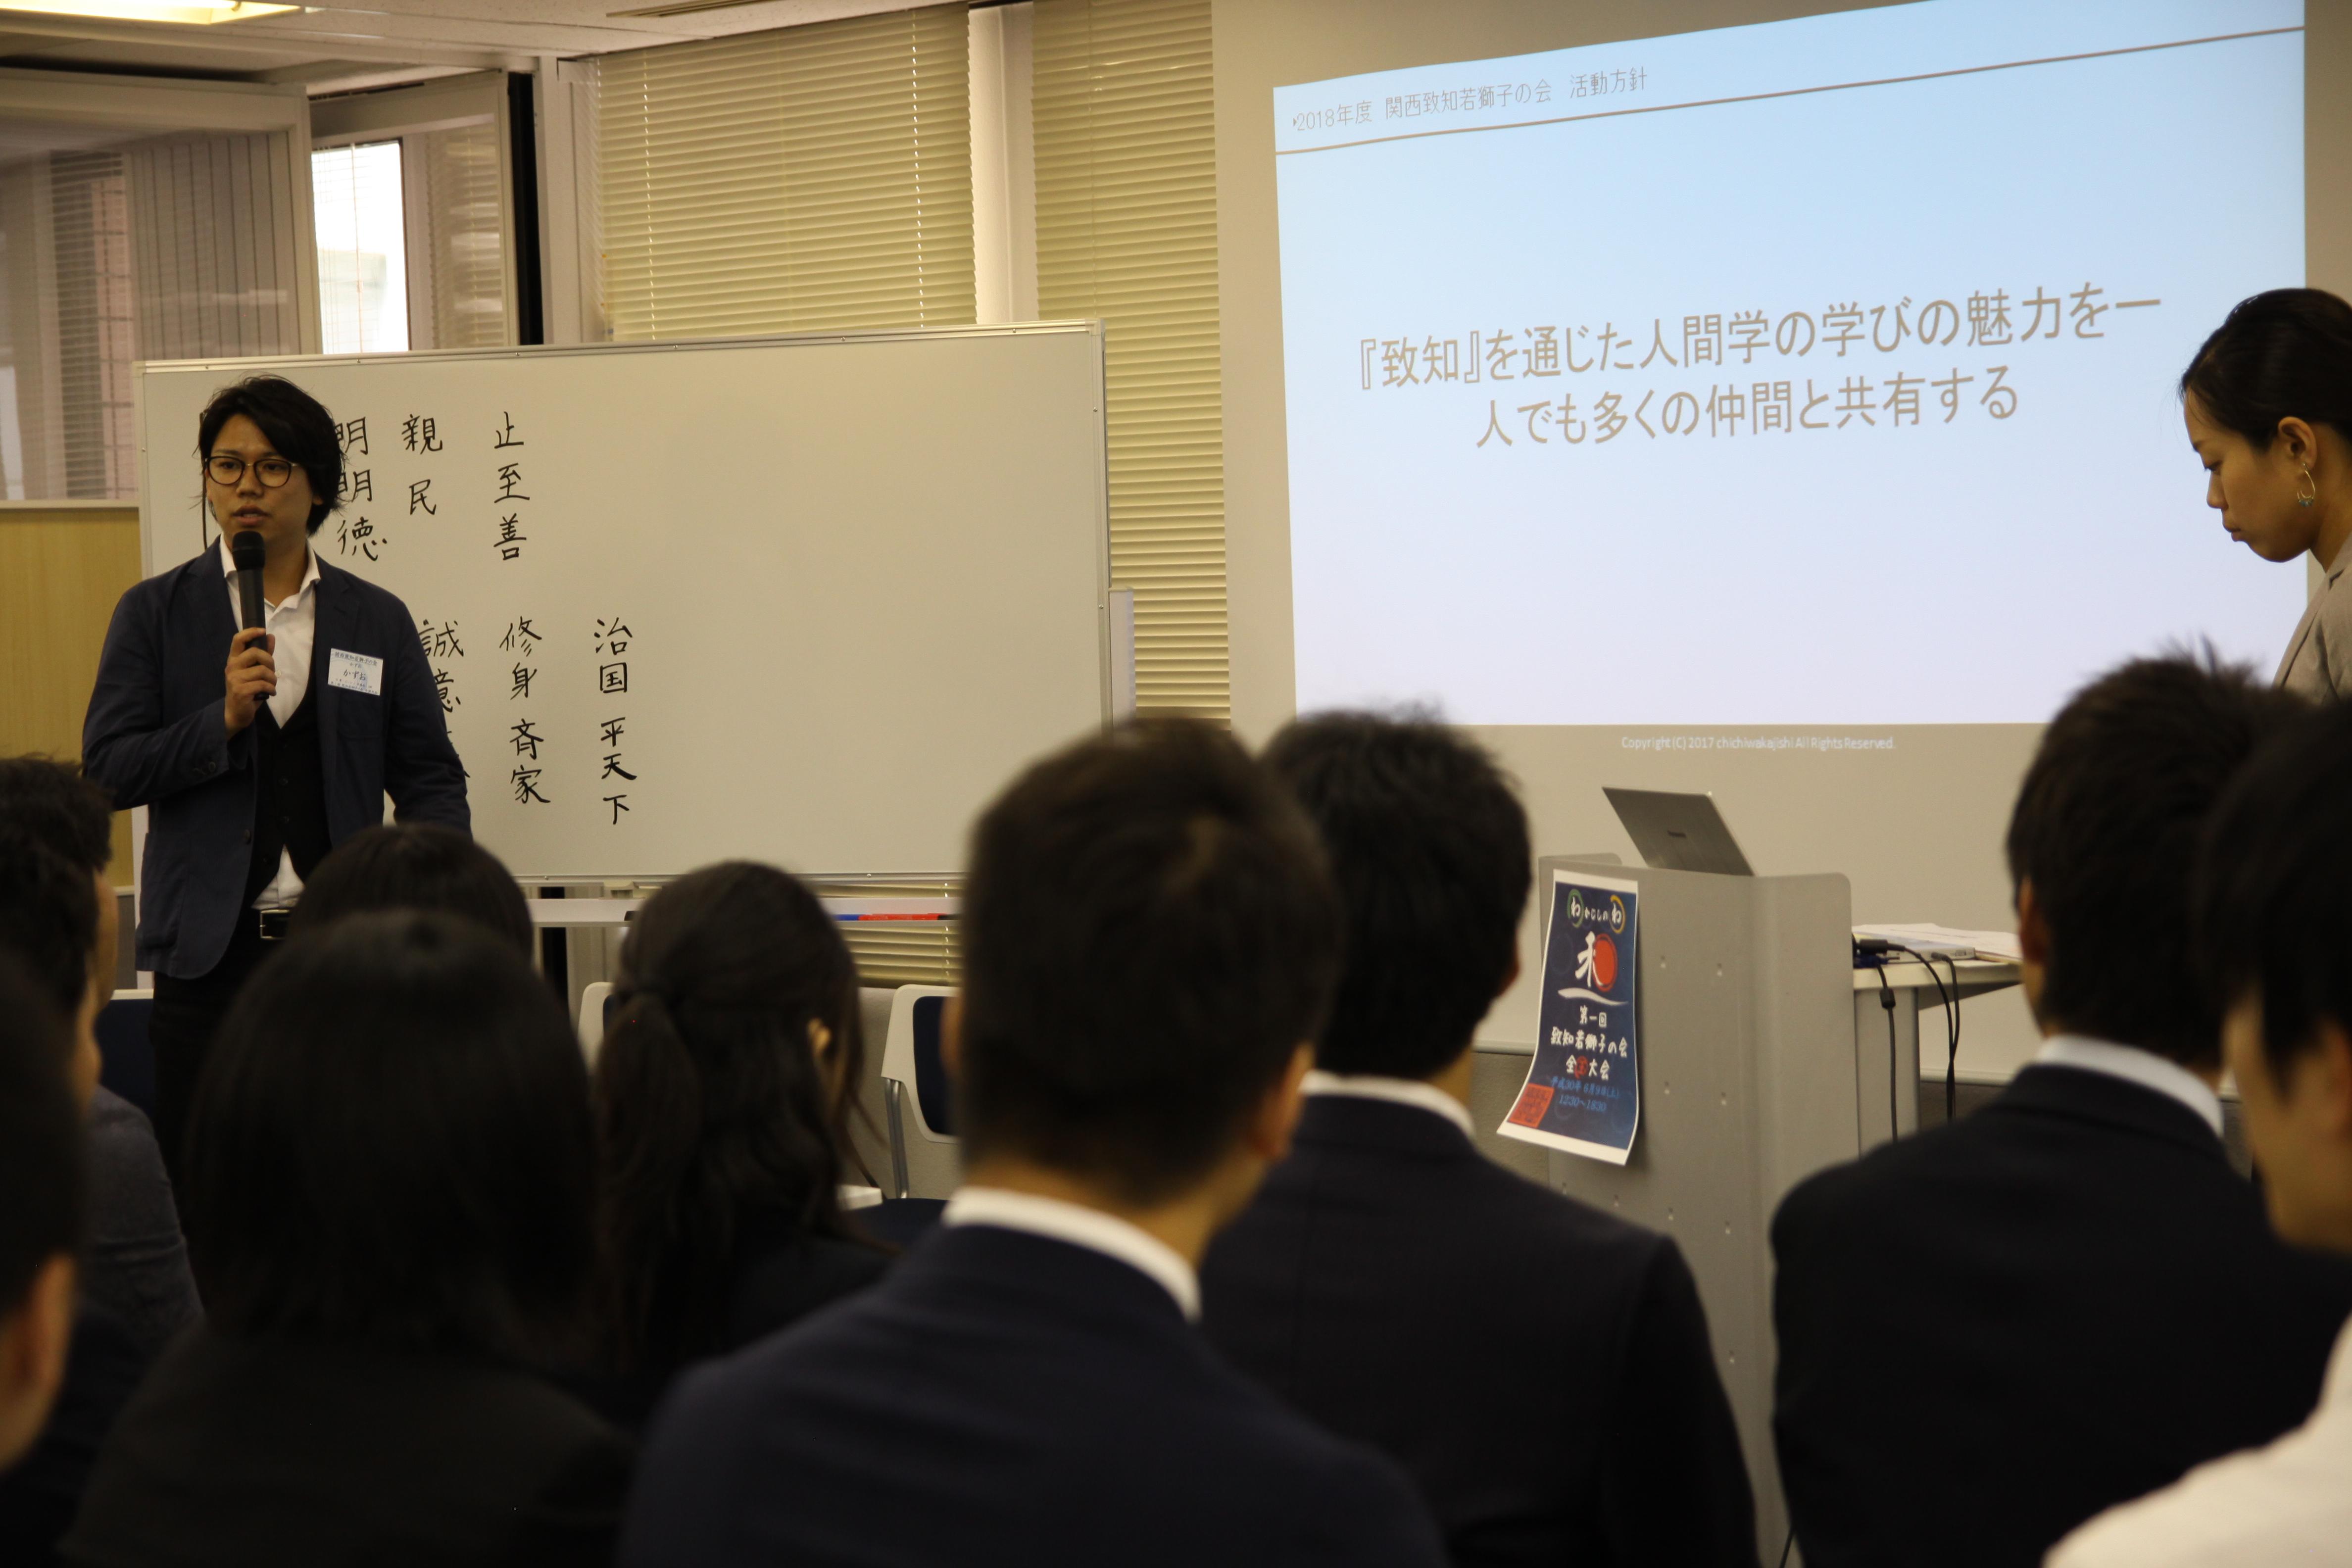 IMG 4698 - 関東若獅子の会、記念すべき第100回